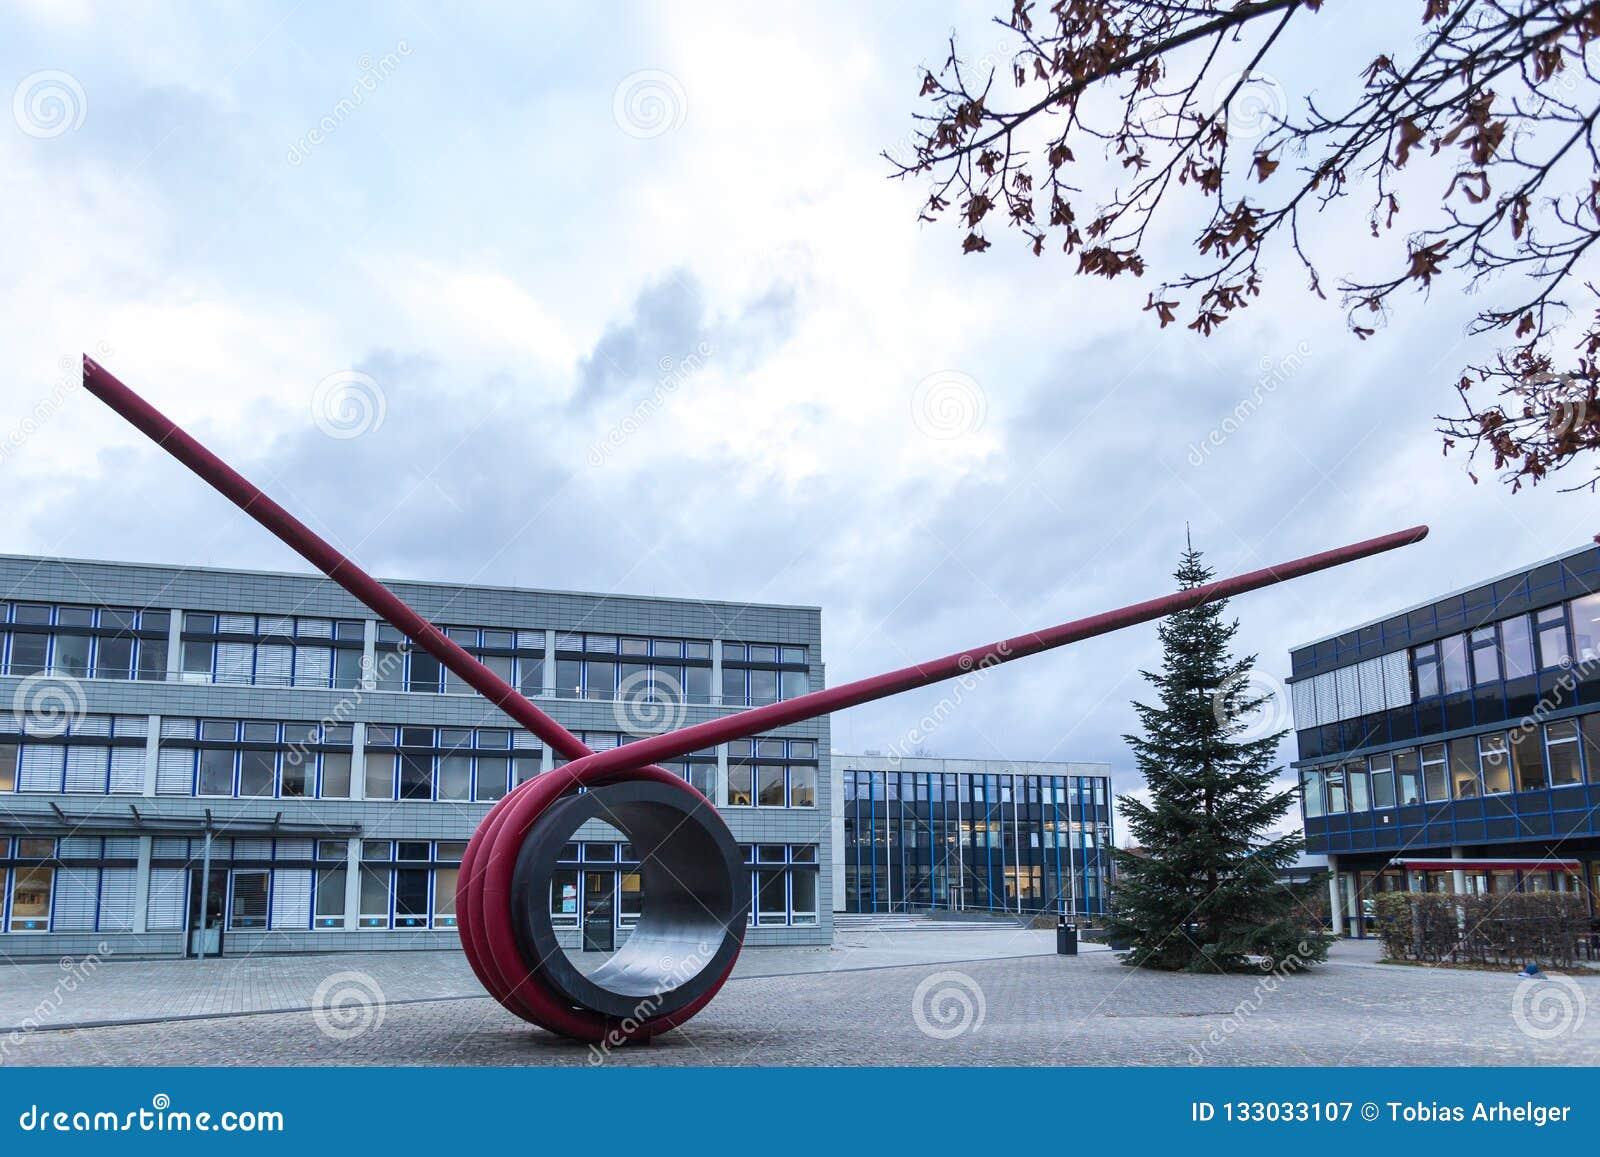 Sankt Augustin Północny Westphalia, Germany,/- 09 11 18: bonn Rhein sieg uniwersytet w sankt Augustin Germany